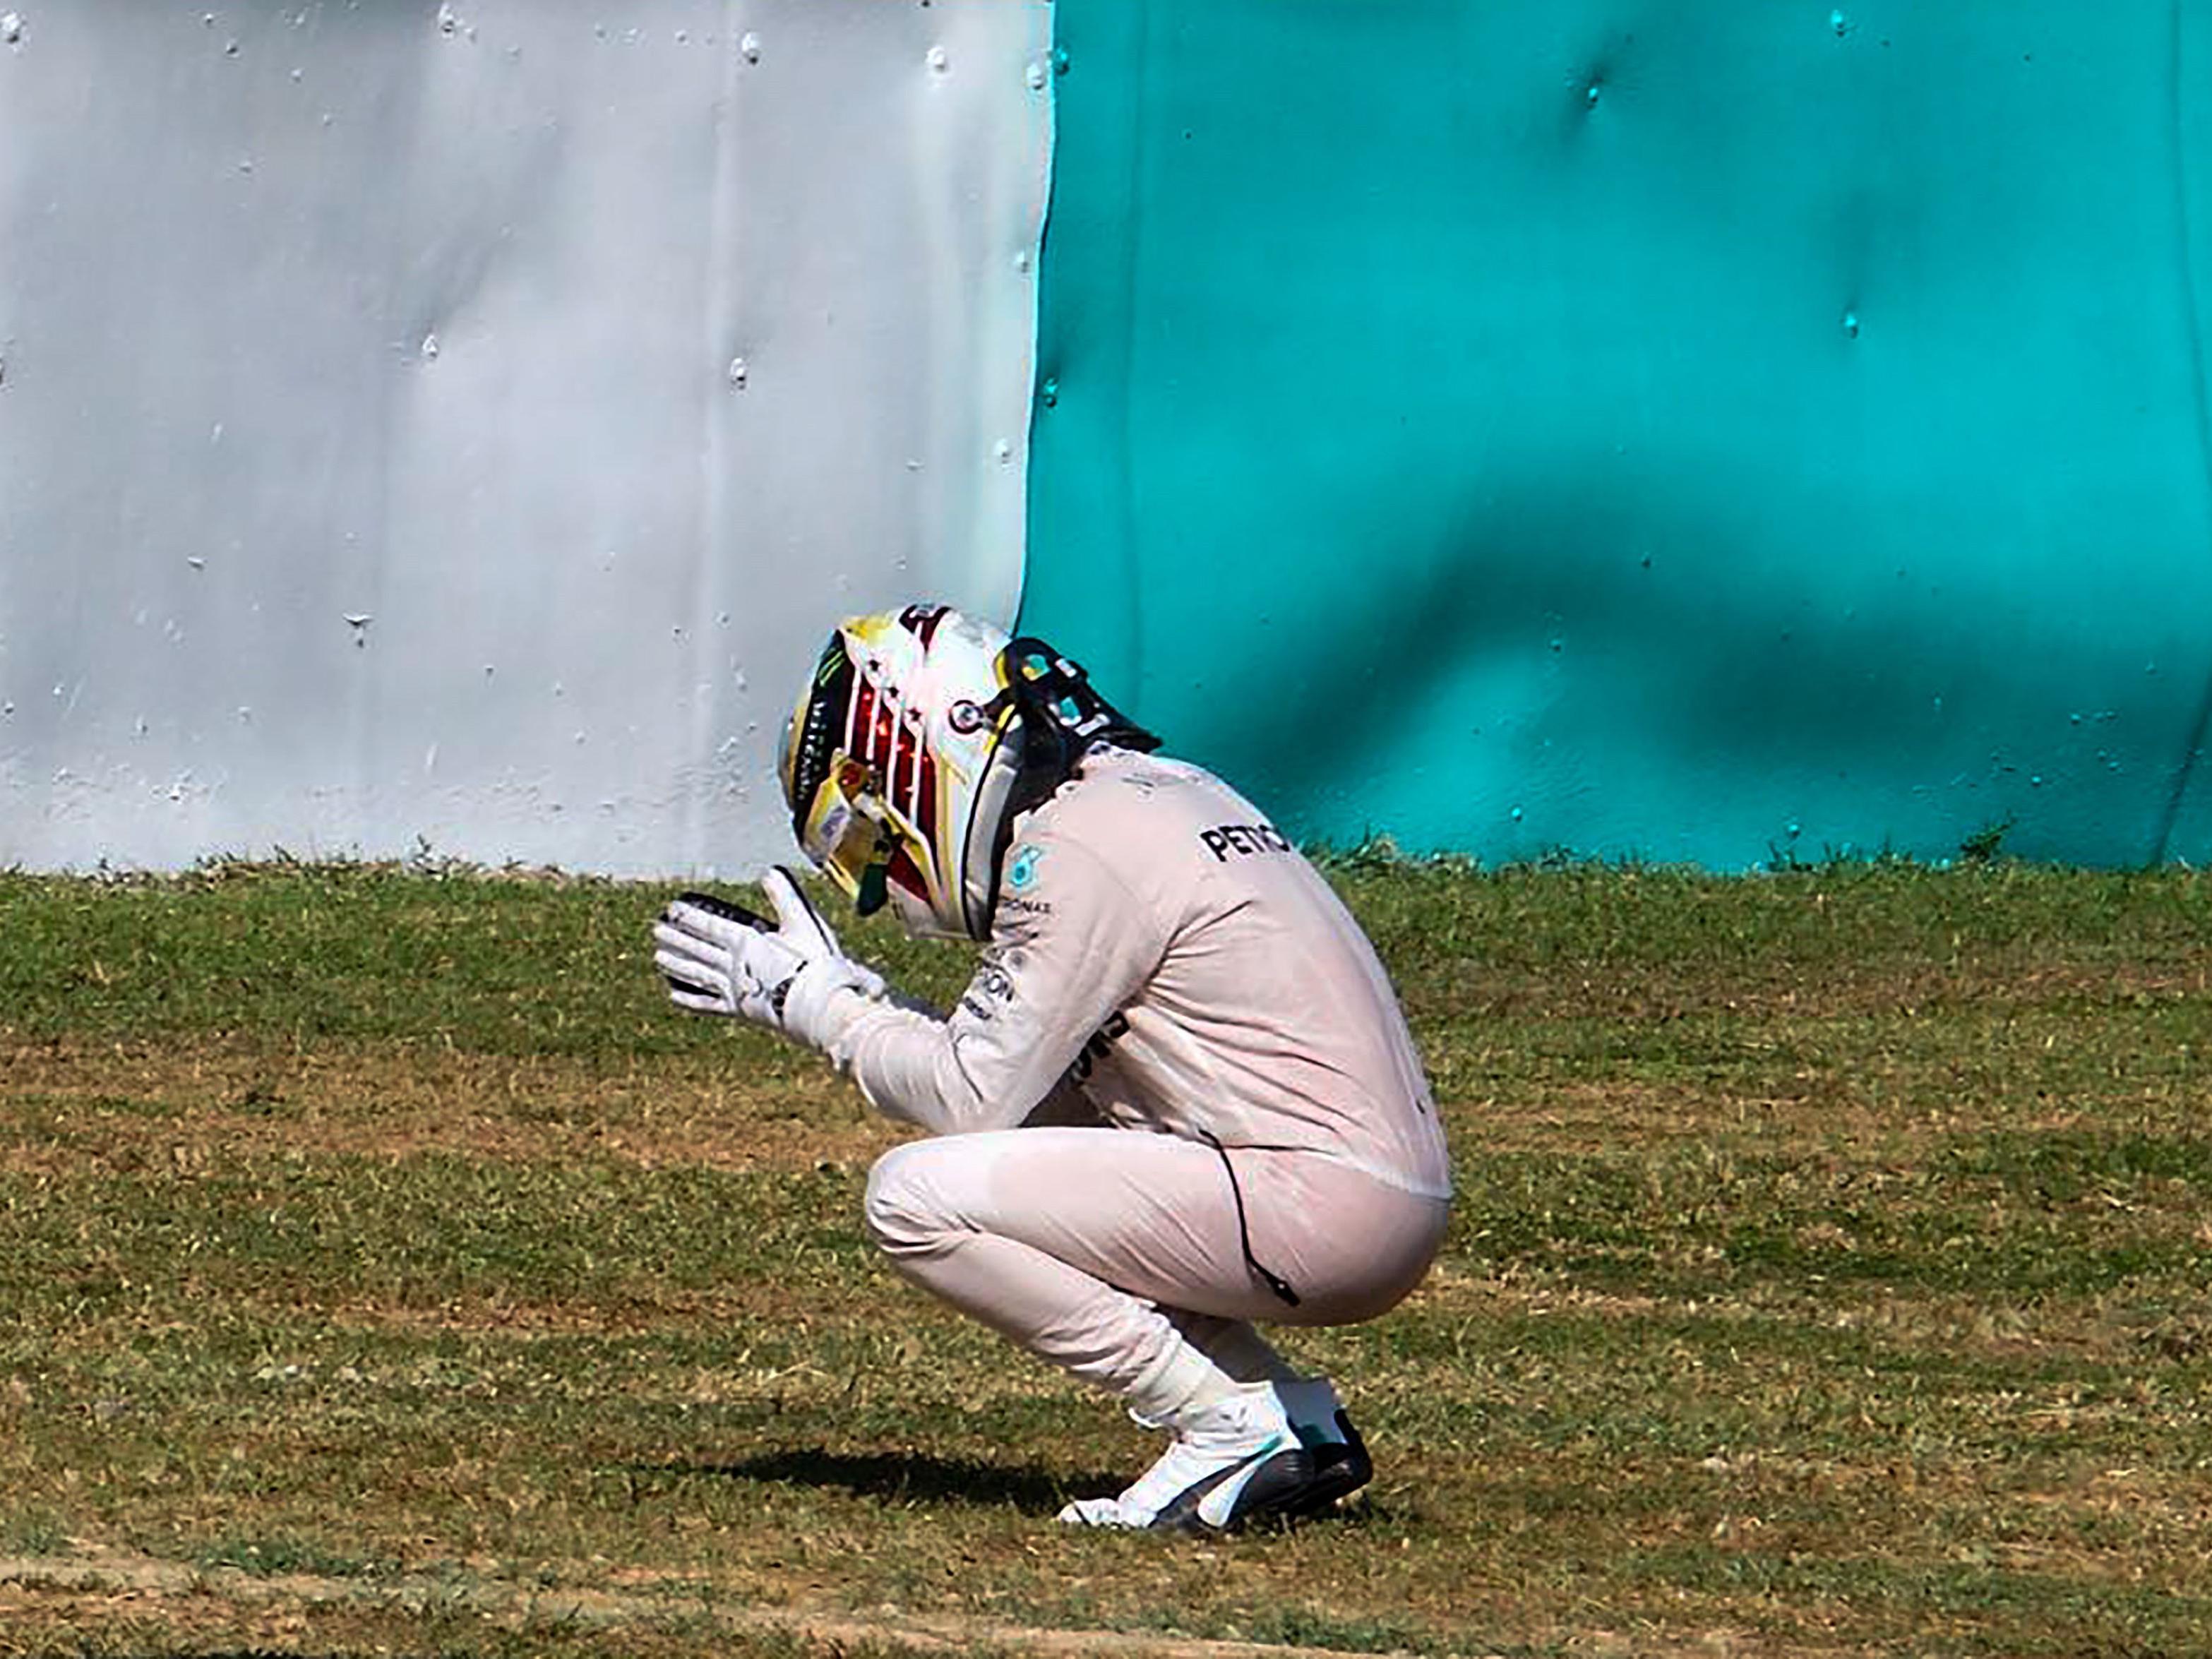 Lewis Hamilton am Boden nach seinem Aus in Malaysia.